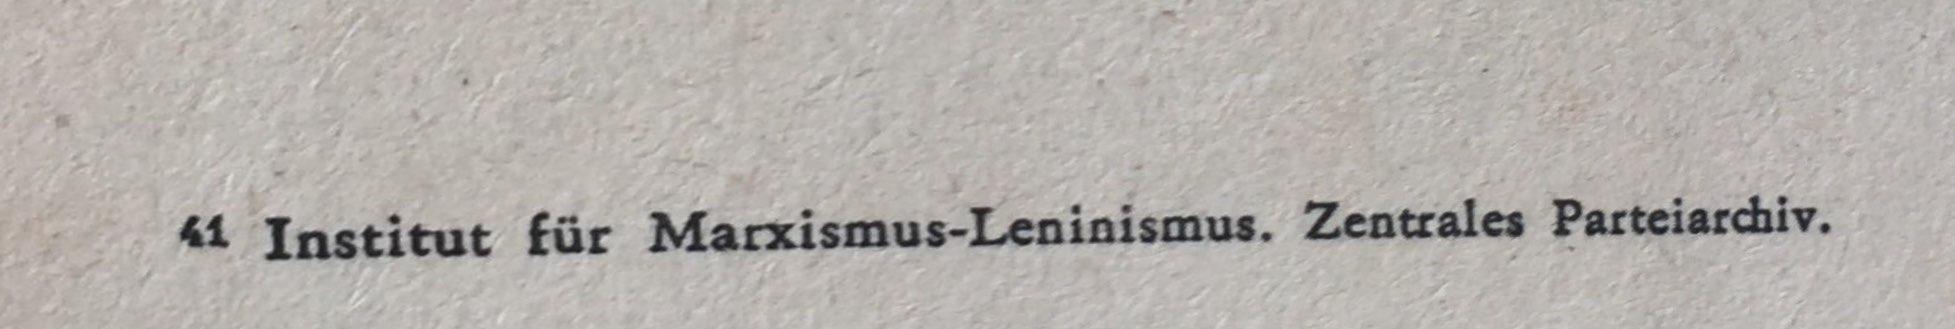 Quellenangabe Lagebericht der Gestapo 1. Quartal 1939